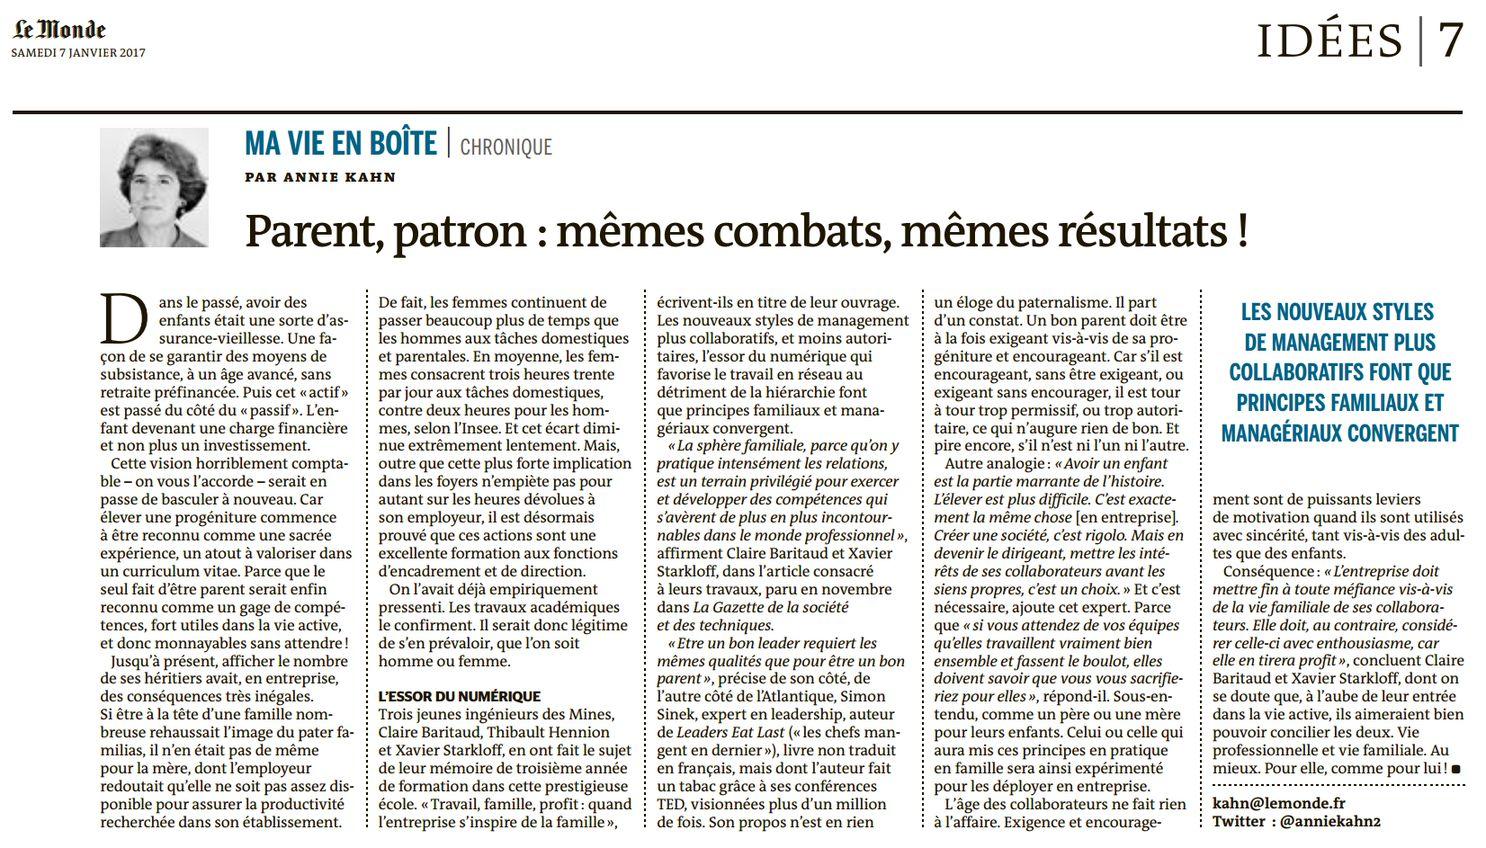 Parent, patron : mêmes combats, mêmes résultats ! (Le Monde Éco & entreprise, nº 22390, 7 janvier 2017, p. 7)